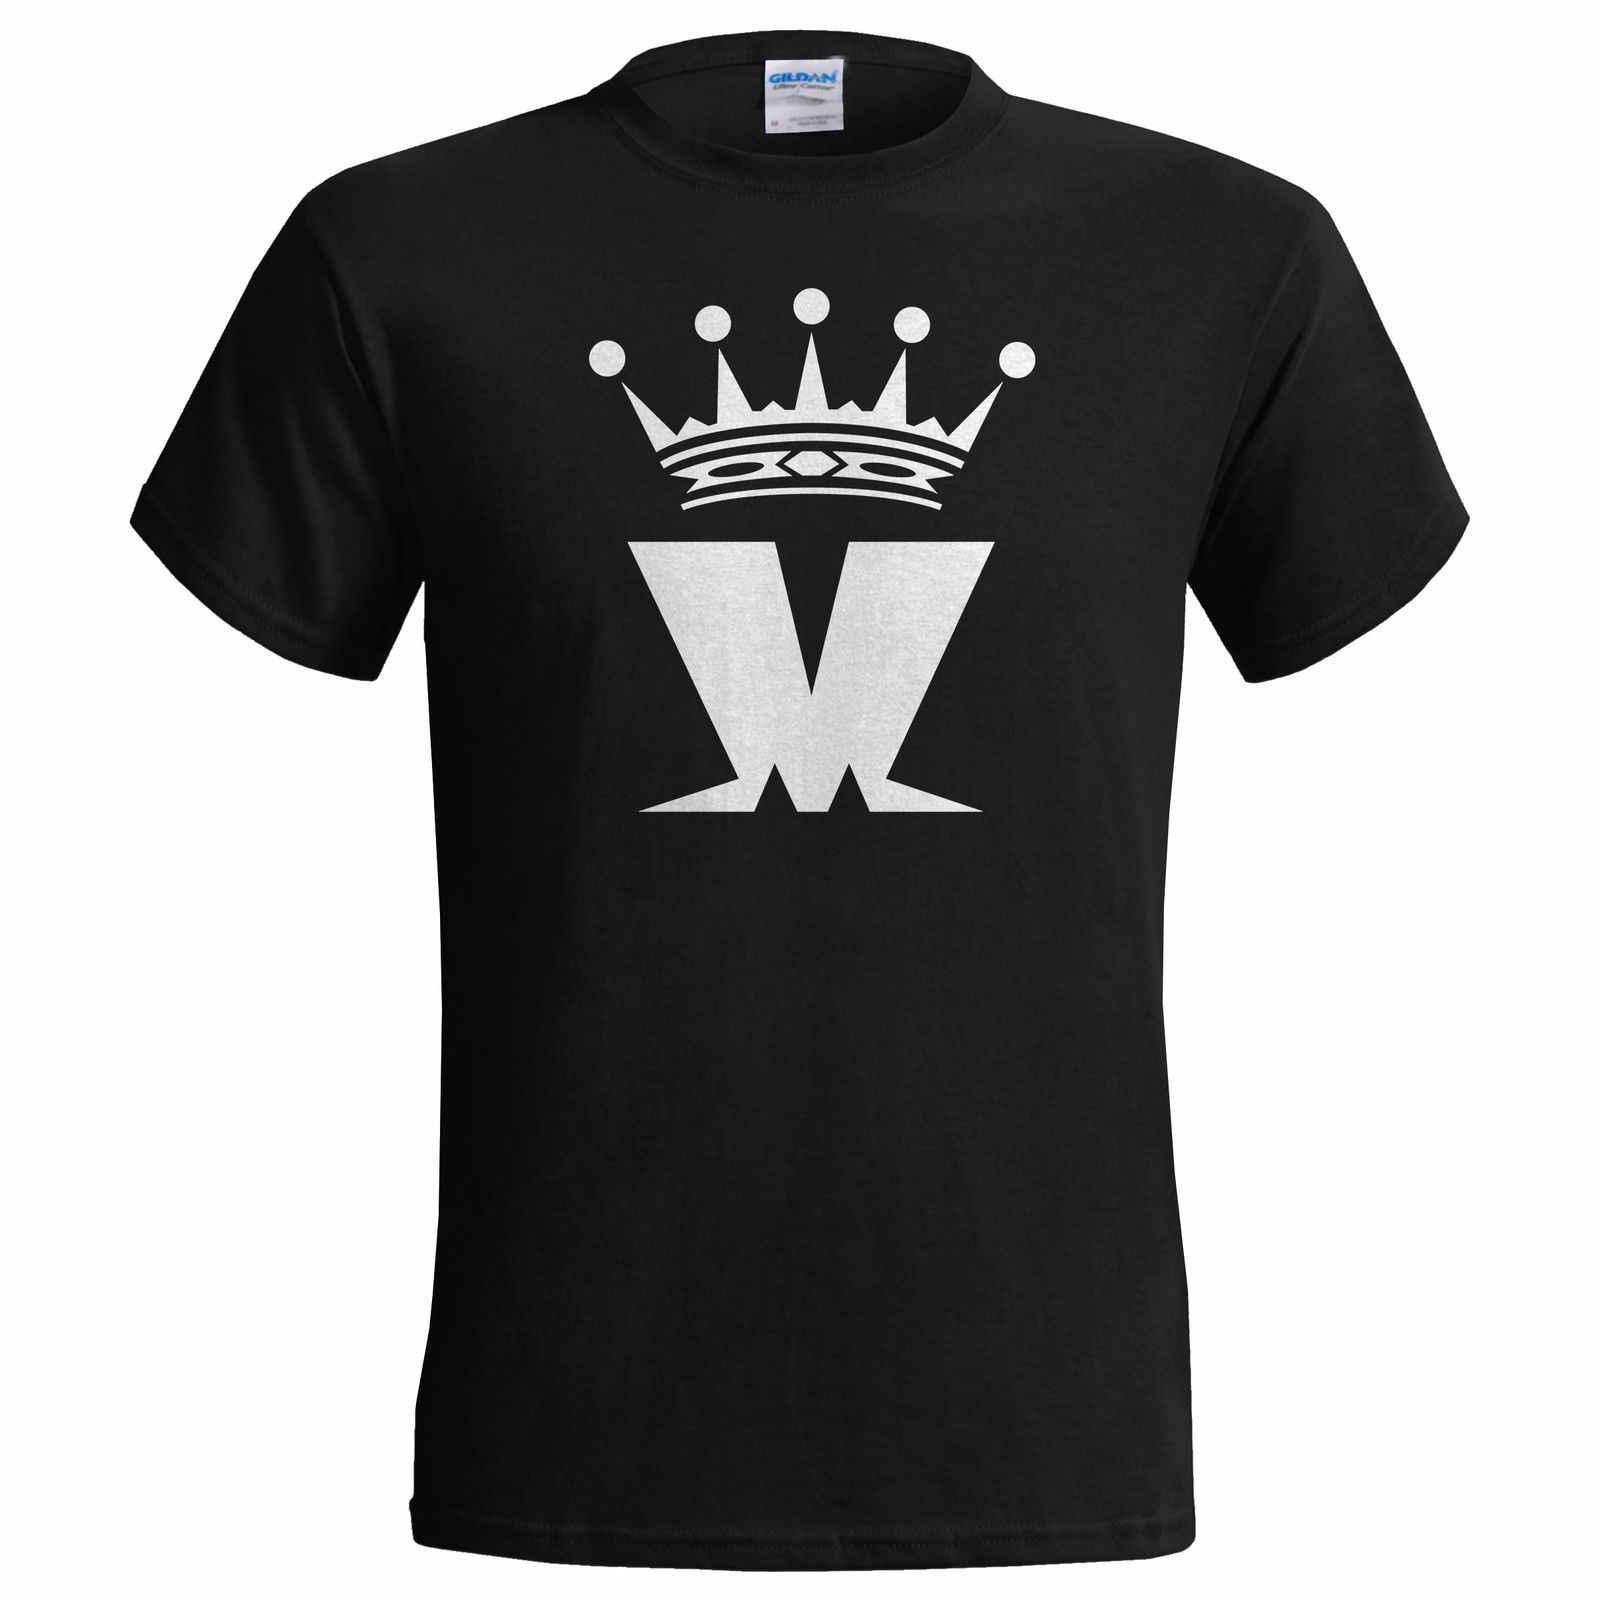 Unofficial Nutty Madness Jongen Geïnspireerd Ska Mens 2 Tone Two Tone Suggs T-shirt 100% katoen t-shirt, tops groothandel tee